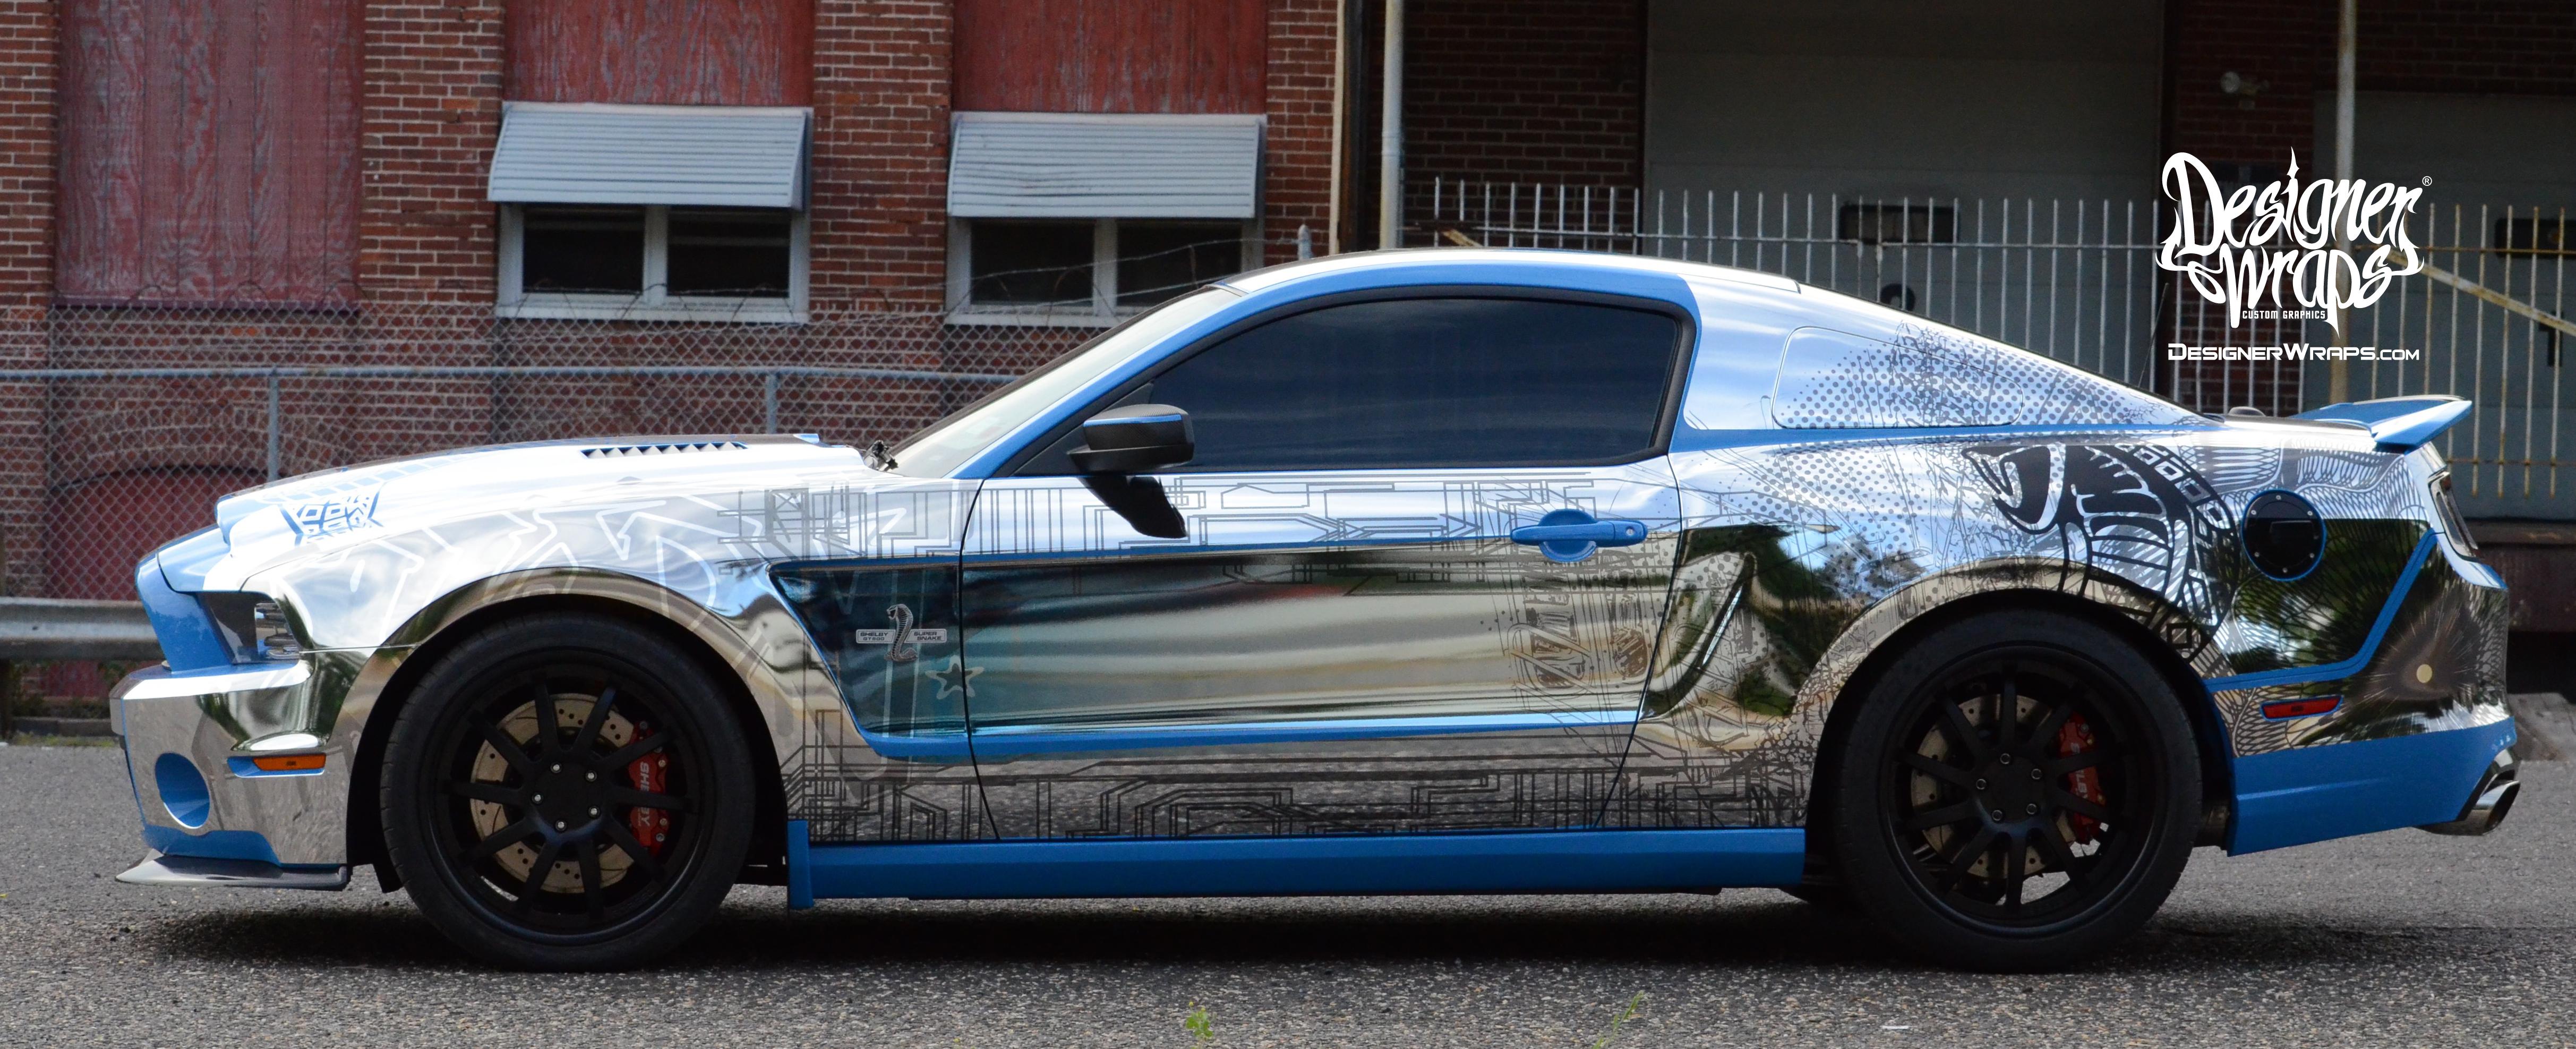 Vehicle Wrap Cost >> Designer Wraps – Custom Vehicle Wraps, Fleet Wraps, Color Changes – Philadelphia Wraps, South ...